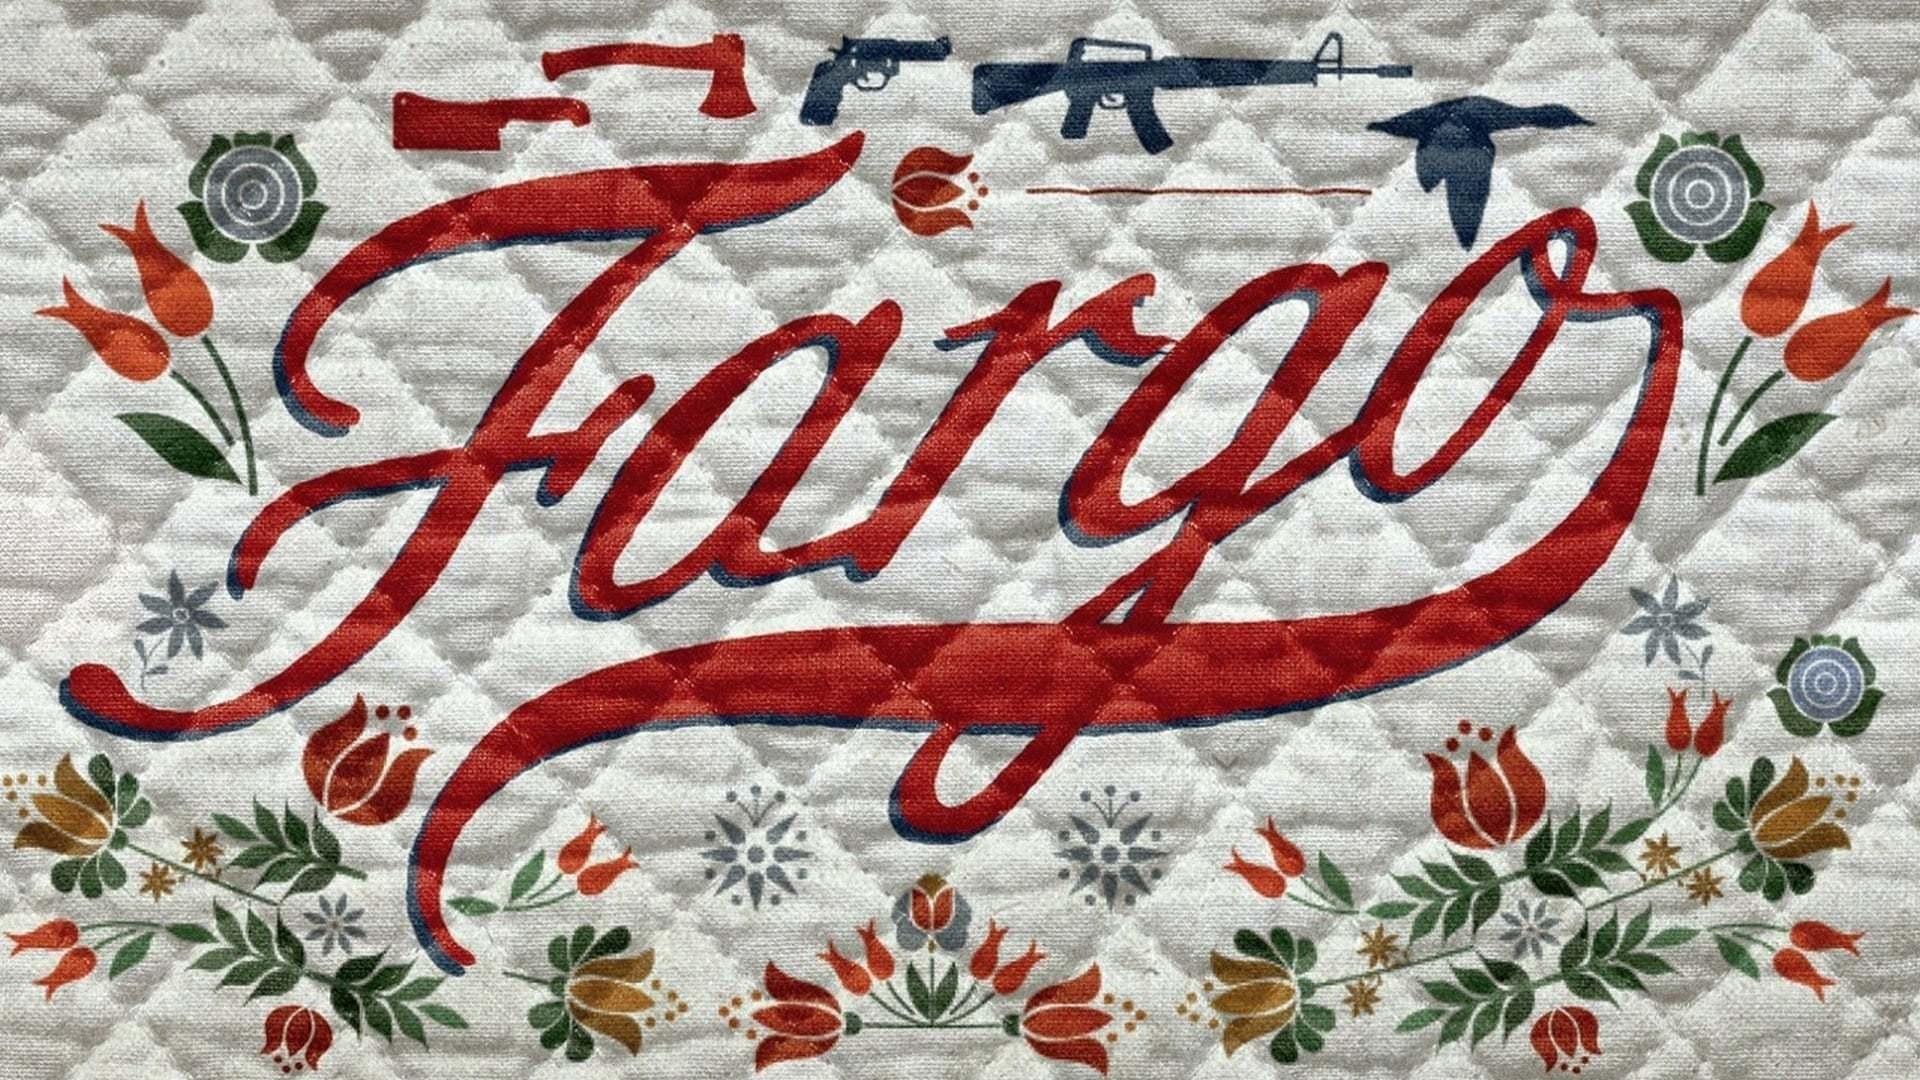 Кадры из фильма Фарго Fargo 2014